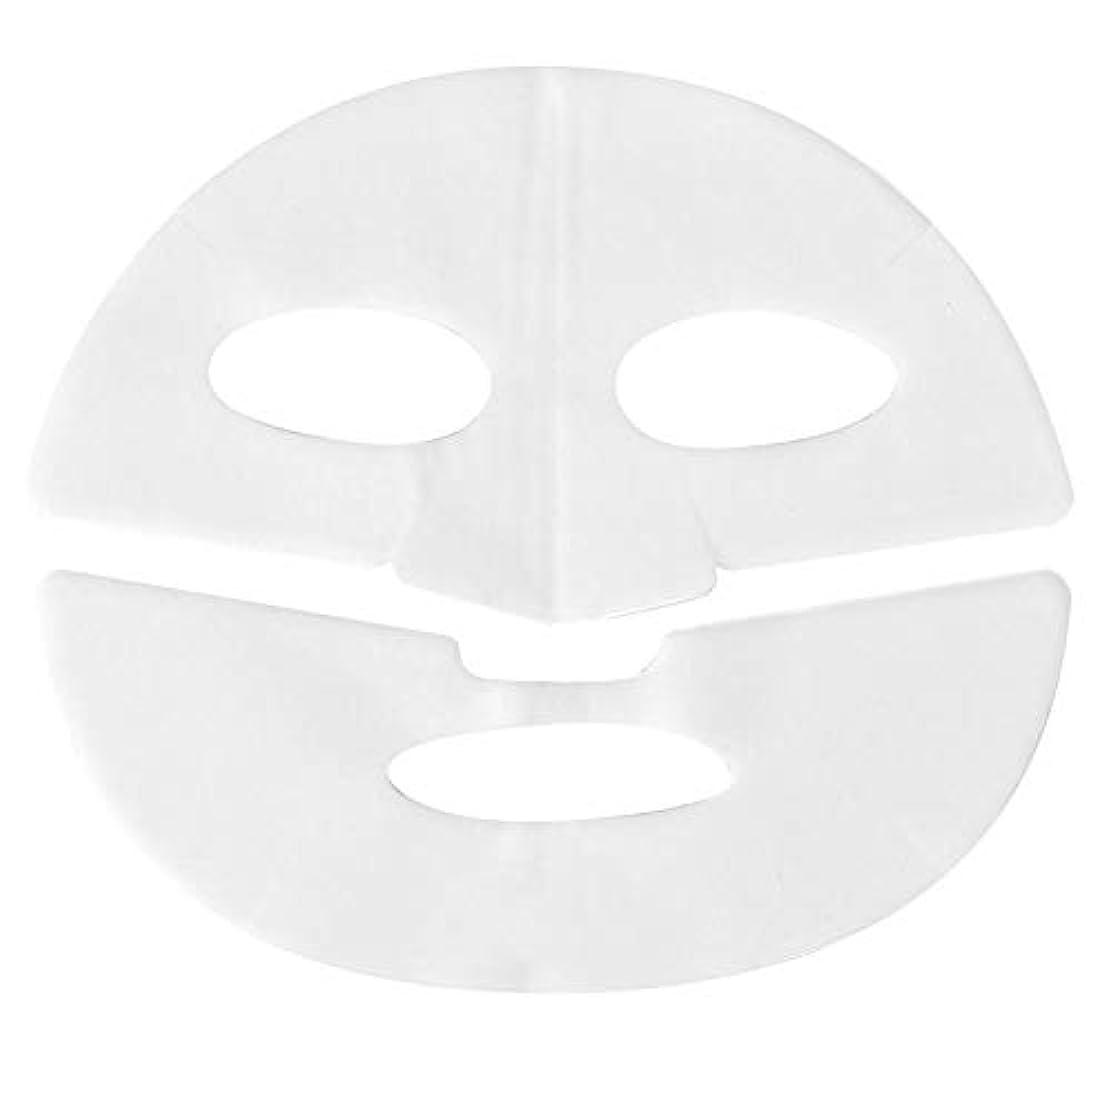 上に必須ペナルティ10 PCS痩身マスク - 水分補給用V字型マスク、保湿マスク - 首とあごのリフト、アンチエイジング、しわを軽減